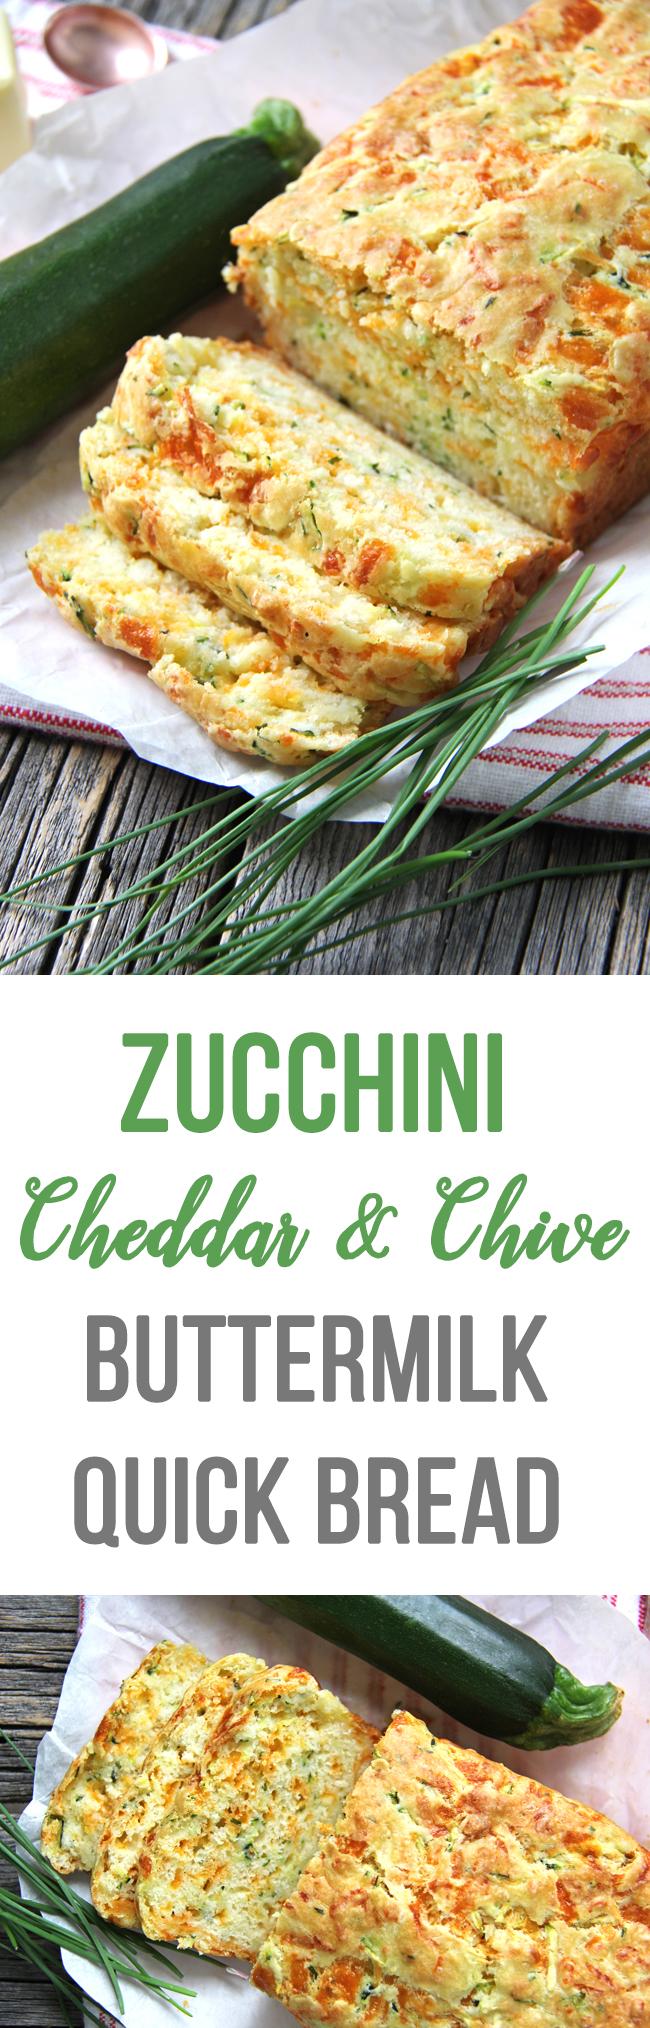 zucchini cheddar cheese  chive buttermilk quick bread